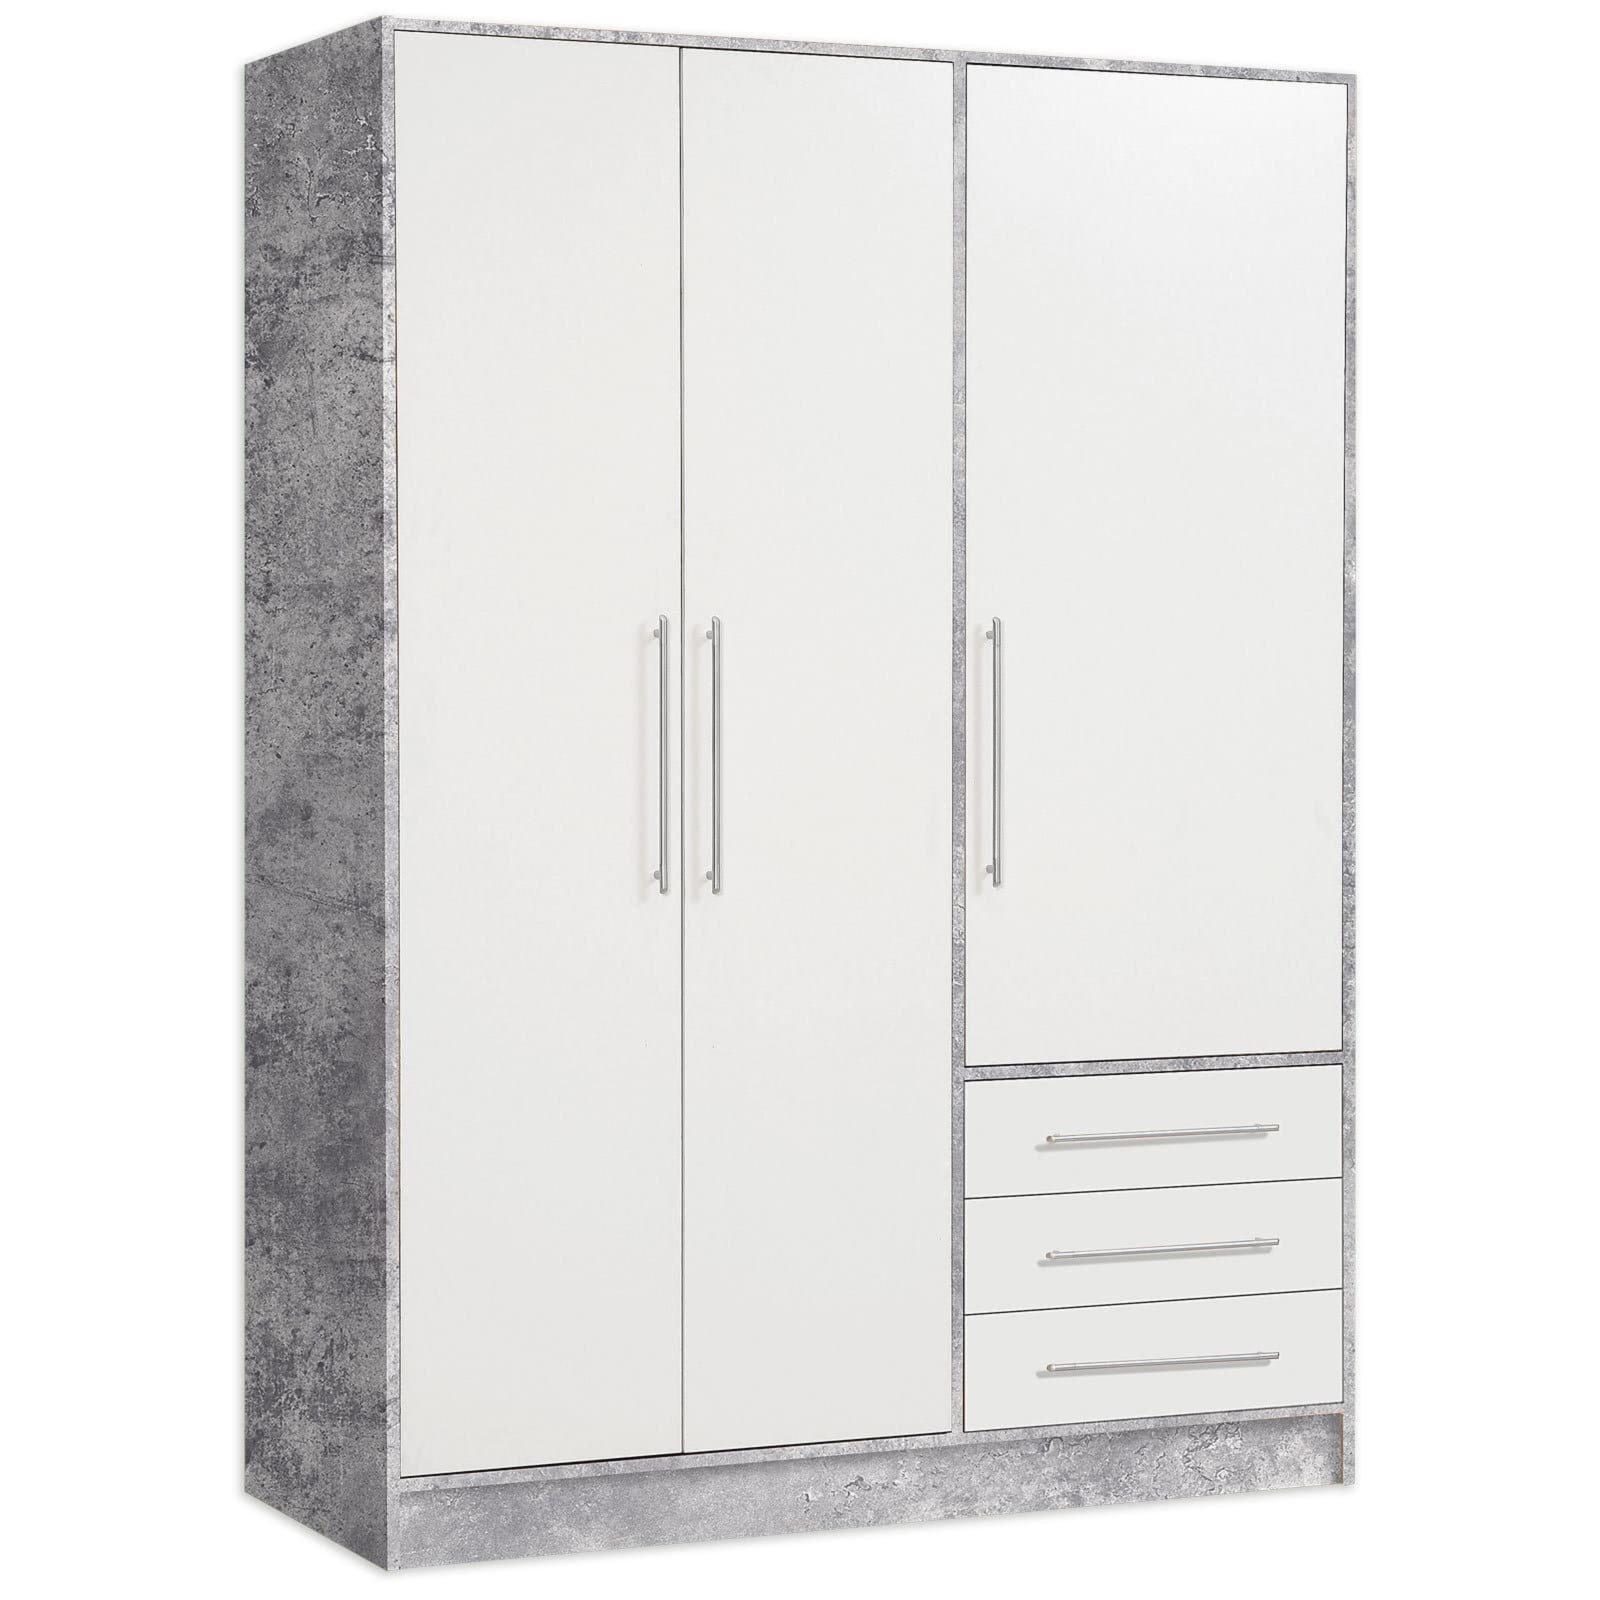 Kleiderschrank jupiter betonoptik wei 145 cm ebay - Kleiderschrank betonoptik ...